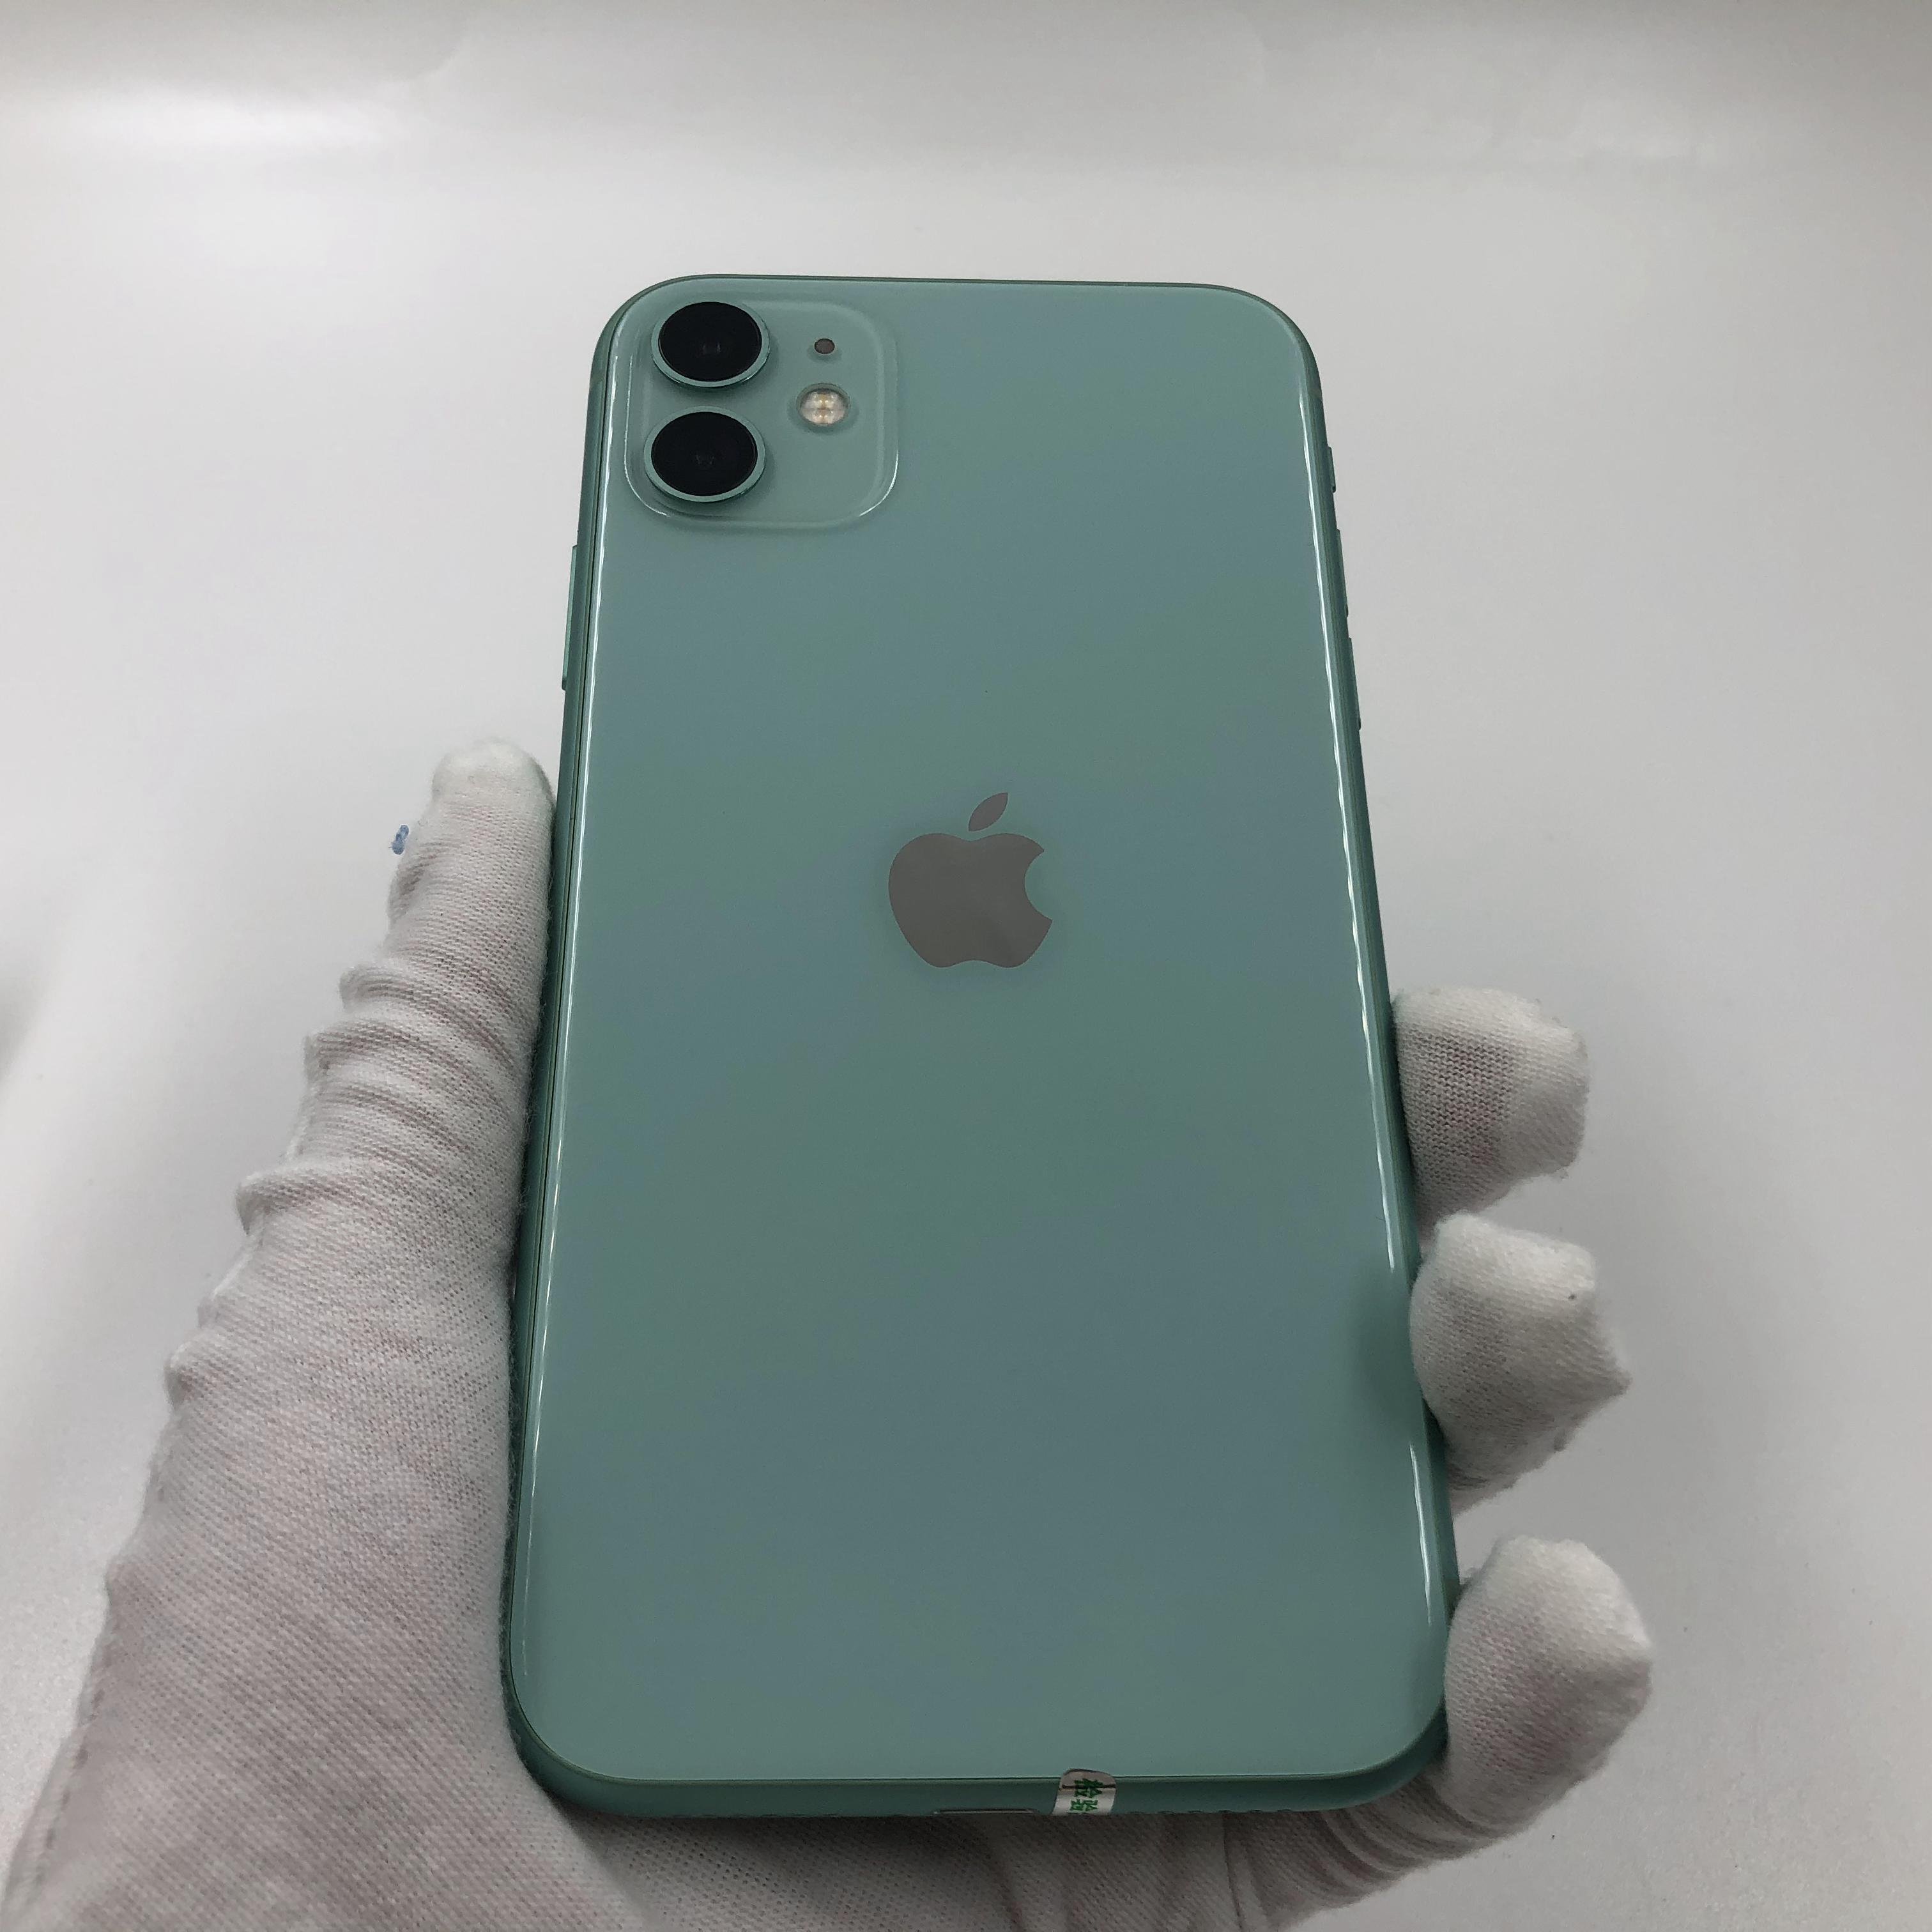 苹果【iPhone 11】4G全网通 绿色 64G 国行 8成新 真机实拍保修2021-10-09